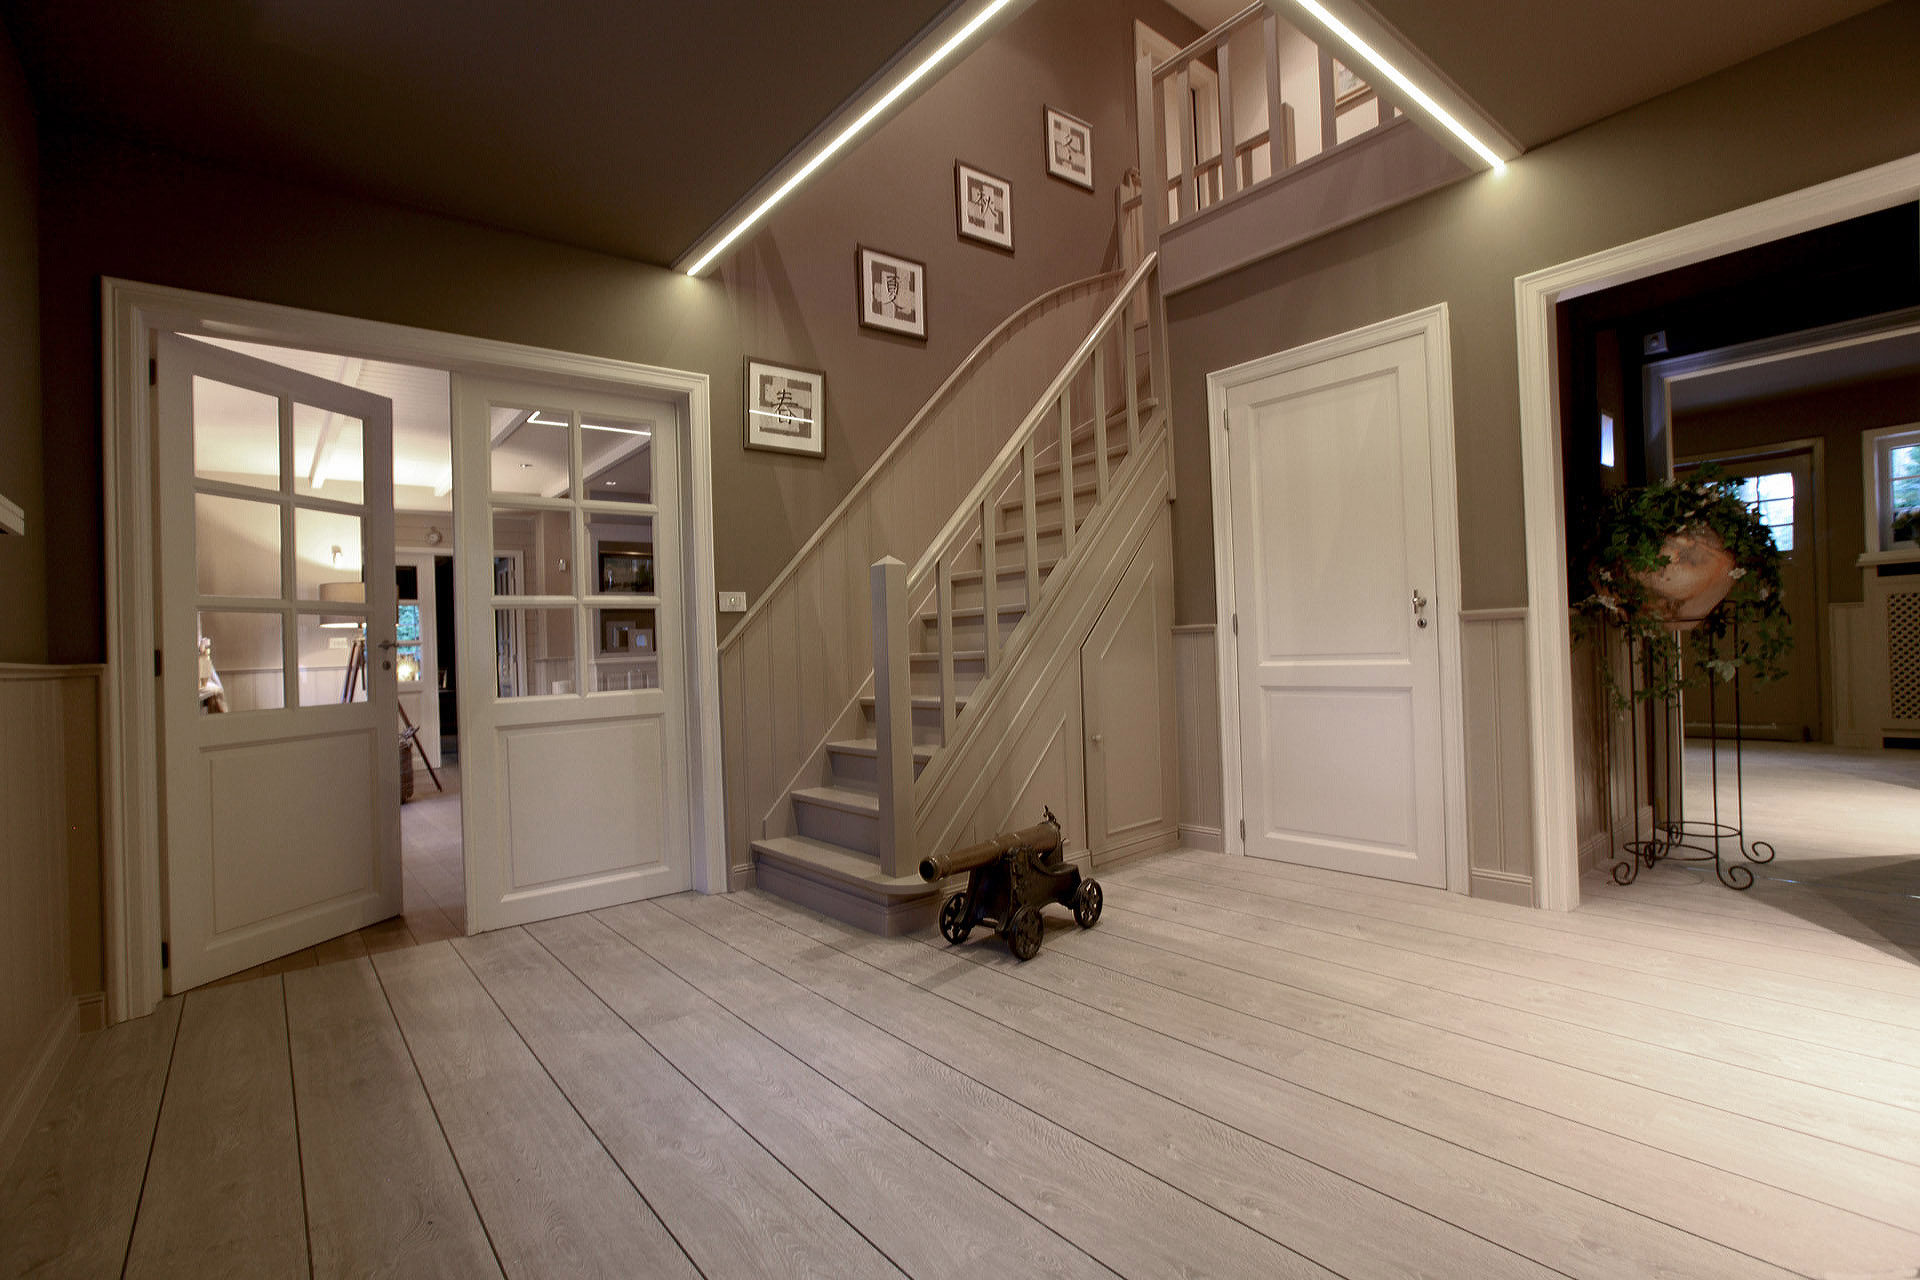 verlichting marcotte style